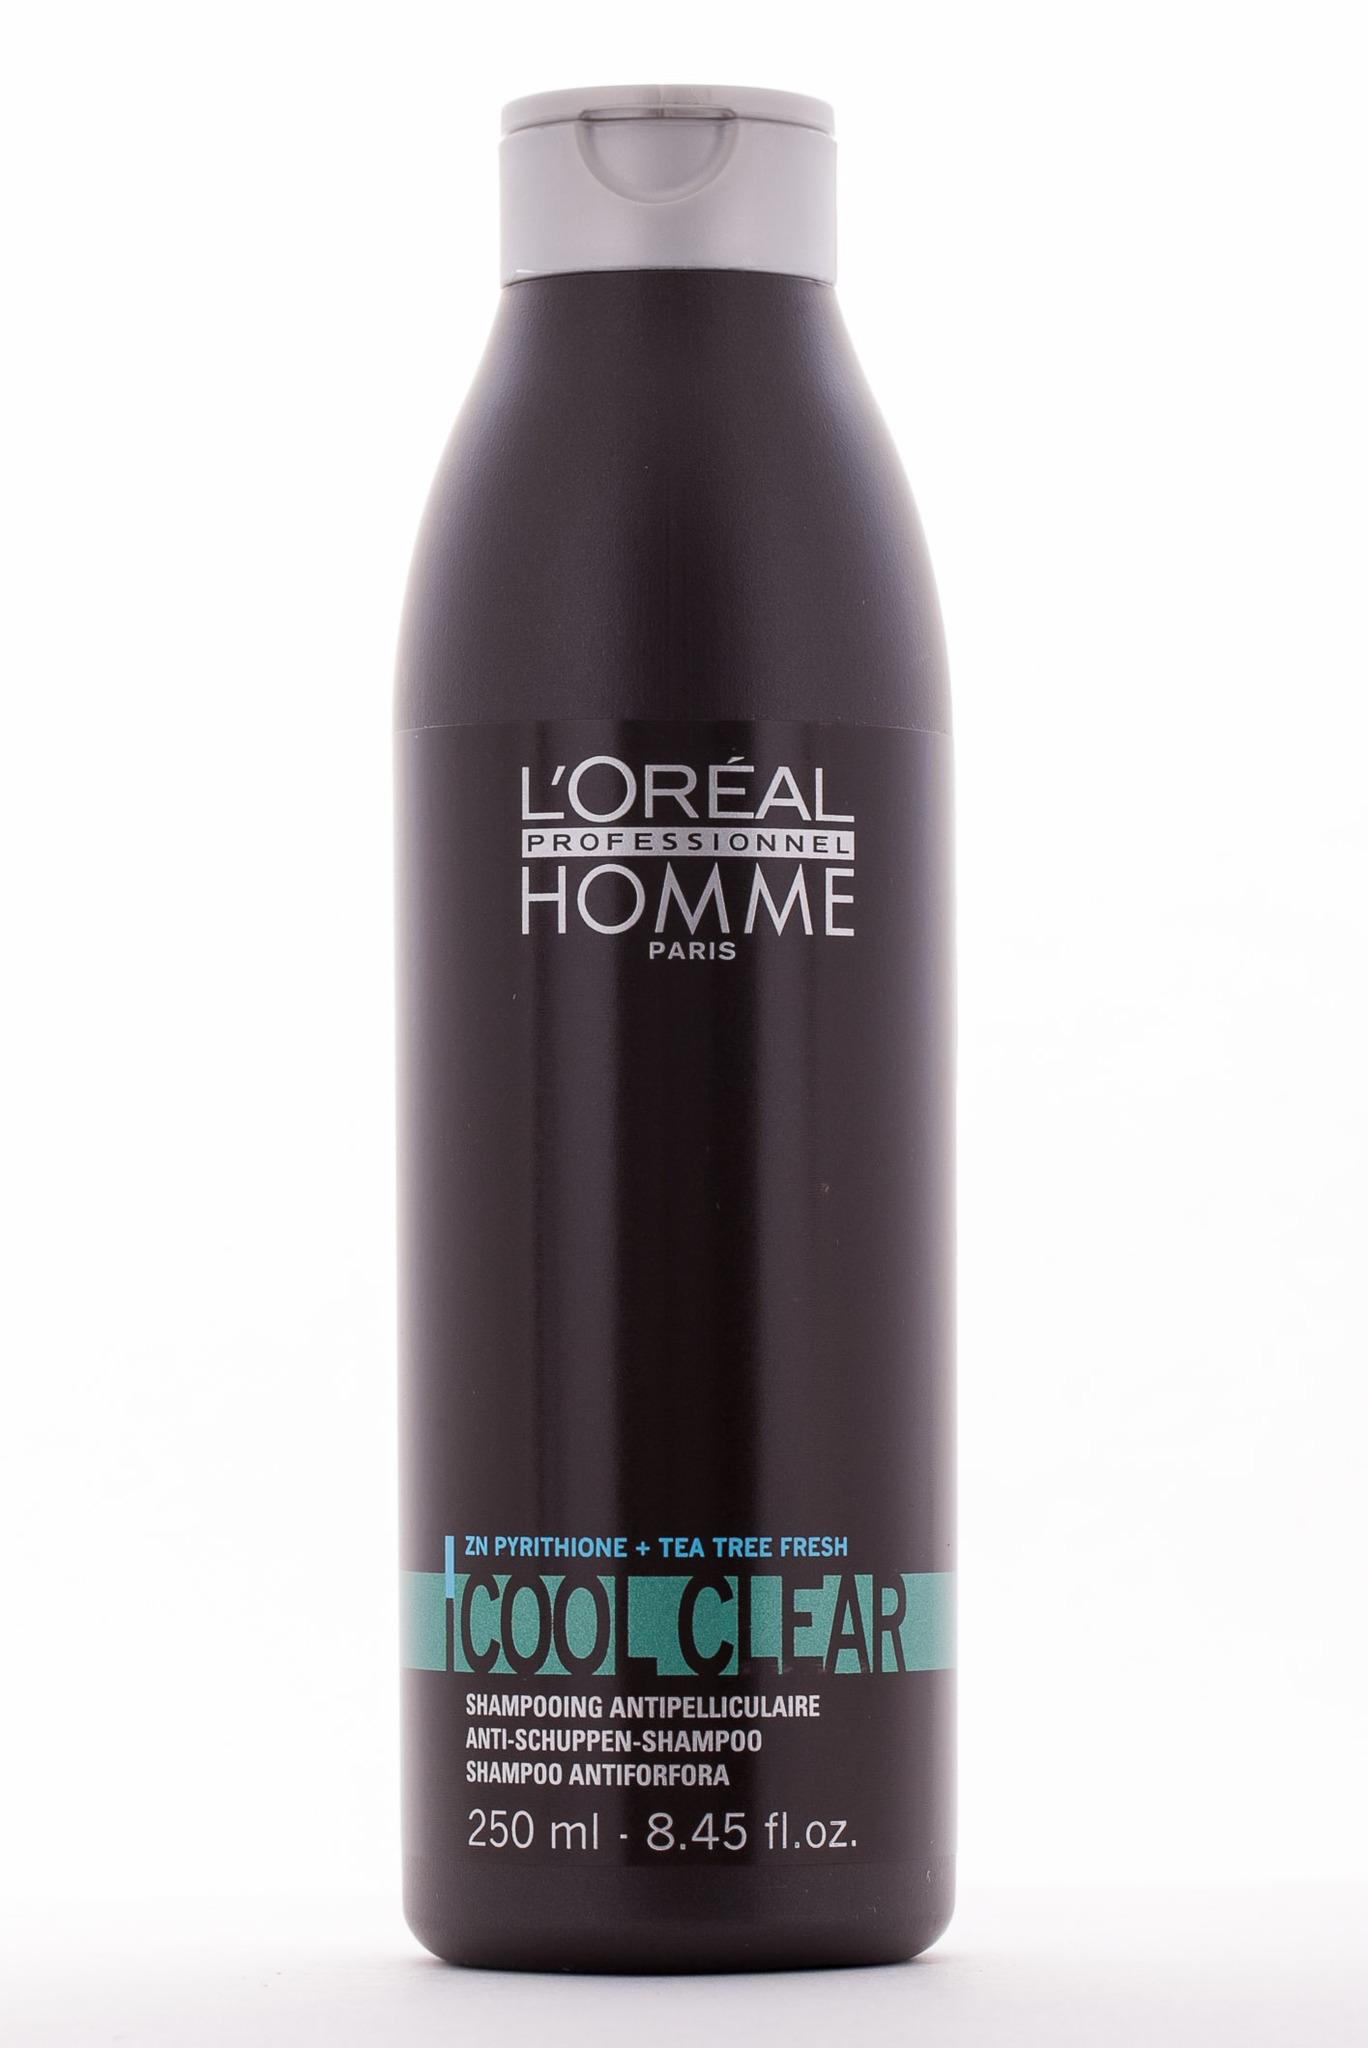 LOREAL PROFESSIONNEL Шампунь против перхоти Кул Клир / HOMME 250млШампуни<br>Шампунь работает сразу же, после первого применения. Излечивает корни волос и устраняет перхоть, волосы легко расчесываются и укладываются, в прическу. Шампунь устраняет неприятный визуальный эффект, восстанавливает водно-жировой баланс, эффективно борется с зудом кожи головы. Благодаря уникальному составу, шампунь в течение длительного времени поддерживает волосы чистыми и увлажненными, активно борется с жирным блеском, устраняет нарушение структуры волос, обеспечивает необходимое питание. Волосы приобретают упругость и блеск. Результат. После первого применения исчезает зуд и перхоть. Волосы получают питание изнутри, хорошо увлажнены, неизбежно становятся мягкими и шелковистыми. Прическа приобретает ухоженный вид.&amp;nbsp; Активные ингредиенты:&amp;nbsp;вода, лауретсульфат натрия, протеины, свободные аминокислоты, липиды, витаминный комплекс, ухаживающая формула, пиритон цинка и альфа-бисаболол. Способ применения:&amp;nbsp;нанесите небольшое количество шампуня на волосы, вспеньте, массирующими движениями нанесите на кожу головы и волосы по всей длине, а затем смойте большим количеством воды.<br><br>Объем: 250<br>Назначение: Перхоть